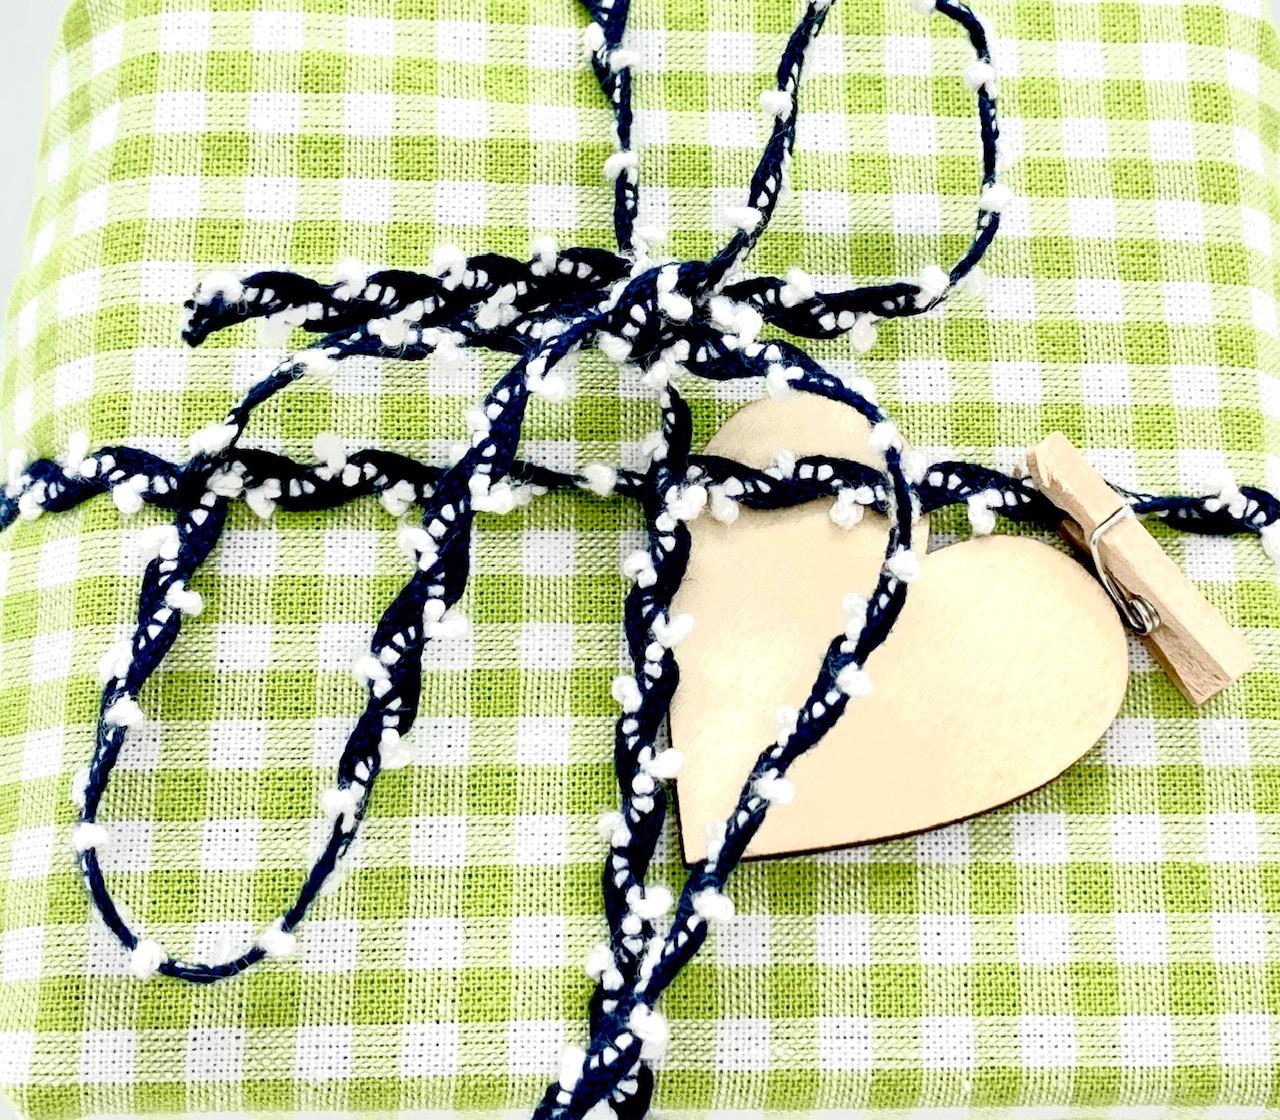 BIO-Baumwollband Dunkelblau/Weiß, 5 mm breit, 15 Meter lang